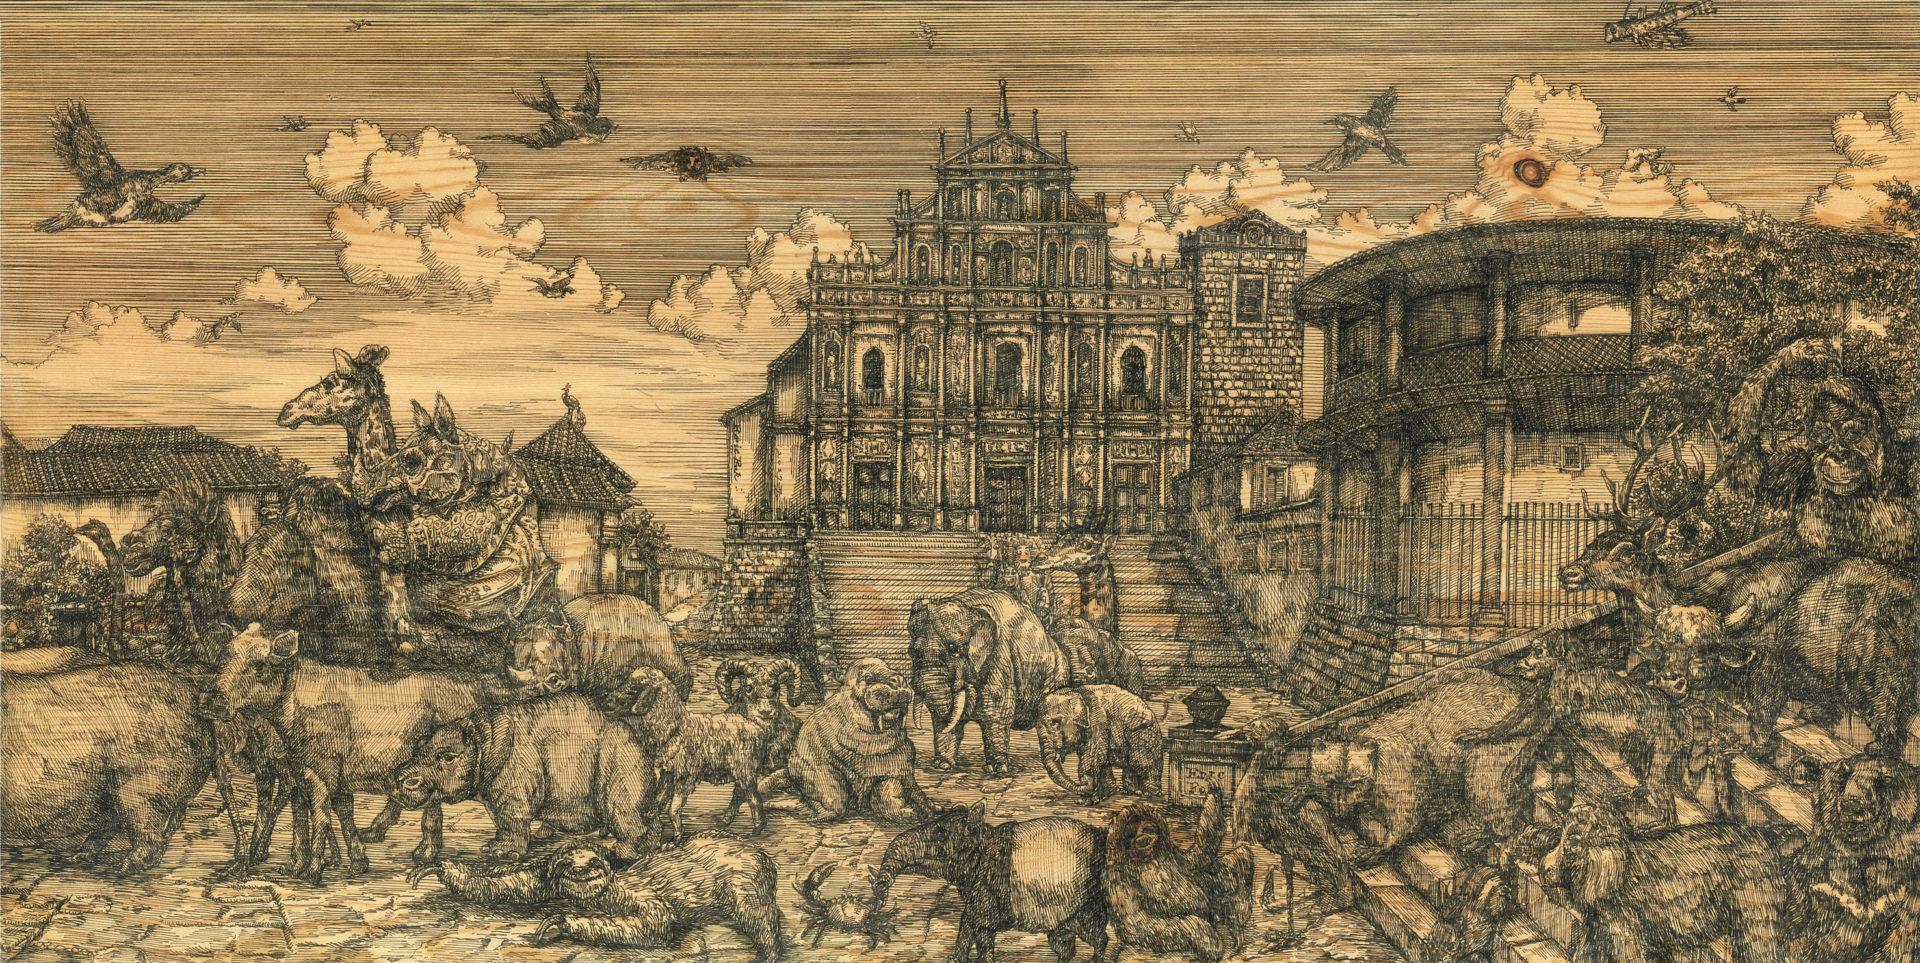 【亞太博物館連線專欄】尋找樂園—從古地圖風創作一探澳門的城市變遷